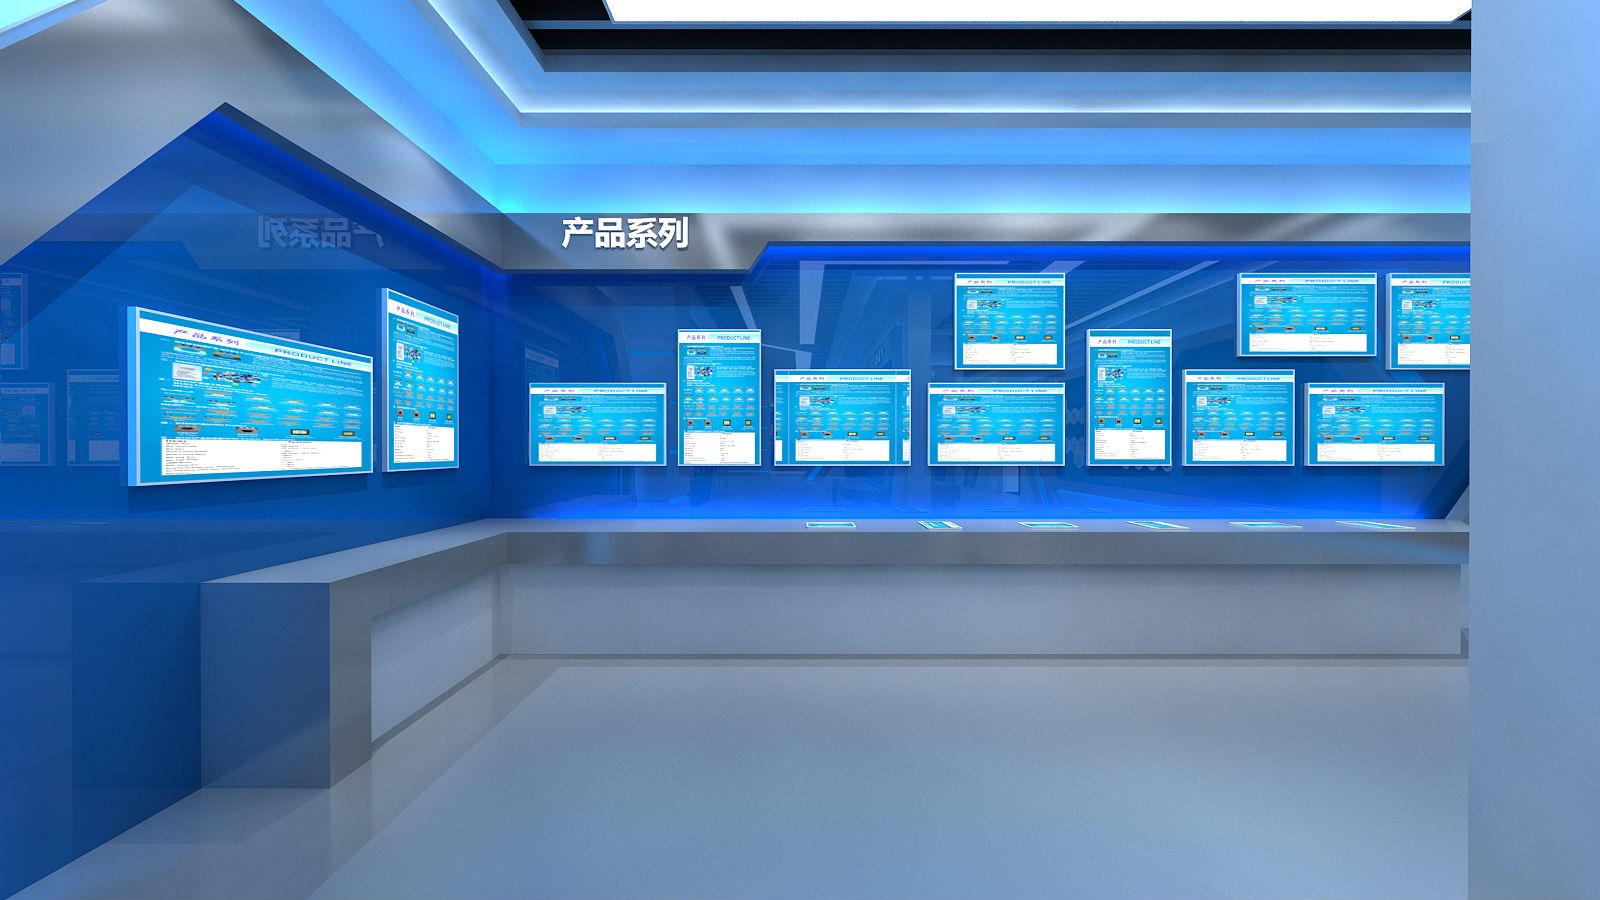 恒拓展厅设计方案图片的产品展示效果图